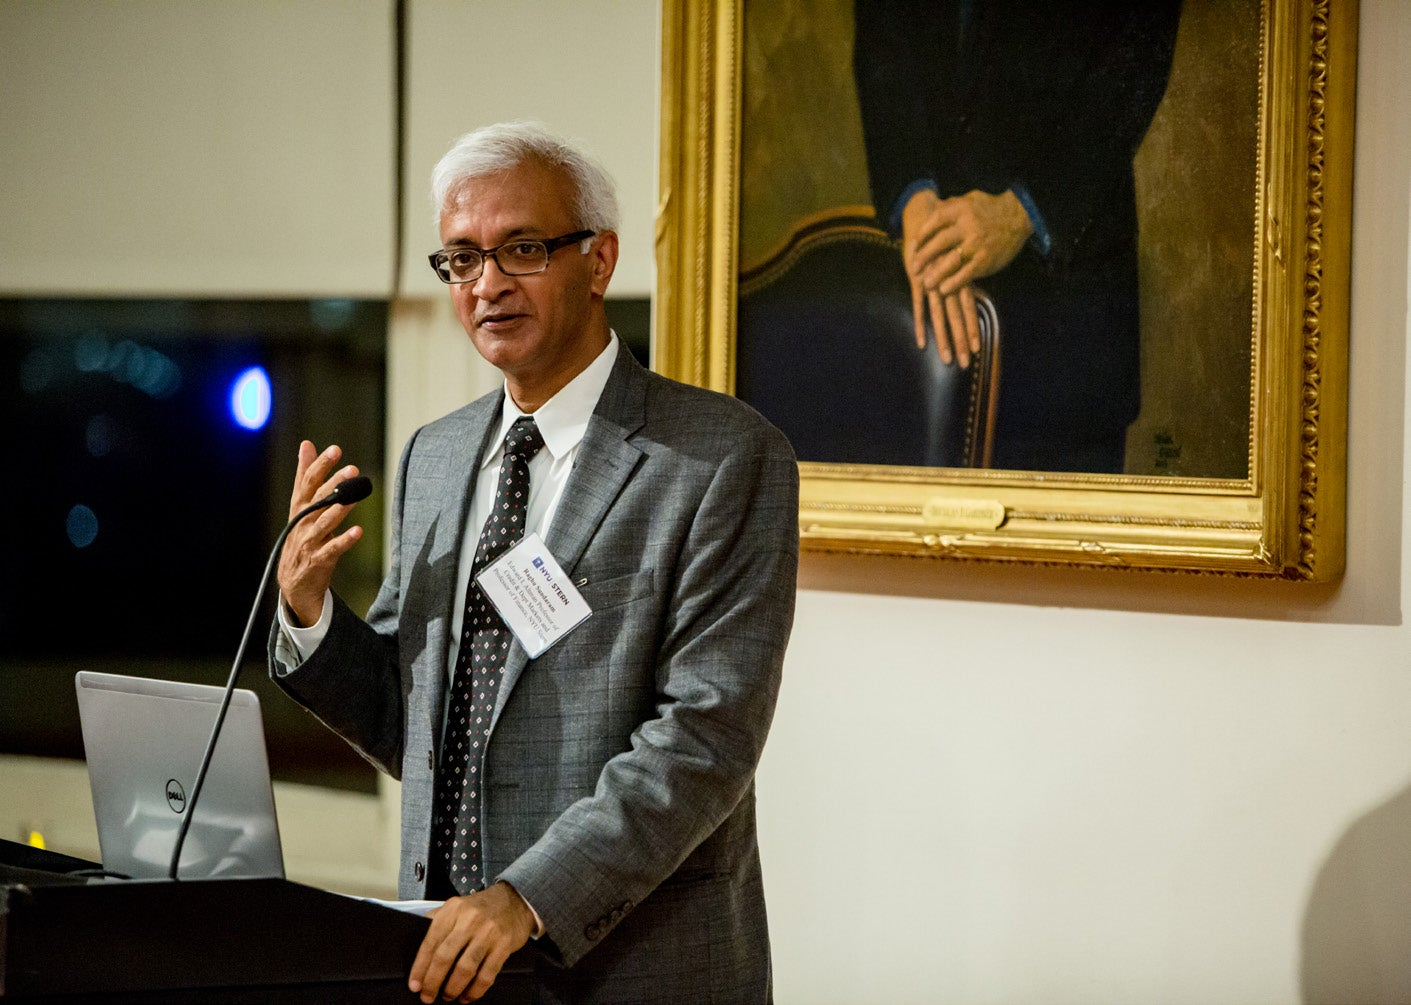 Photo of Dean Sundaram speaking at a podium